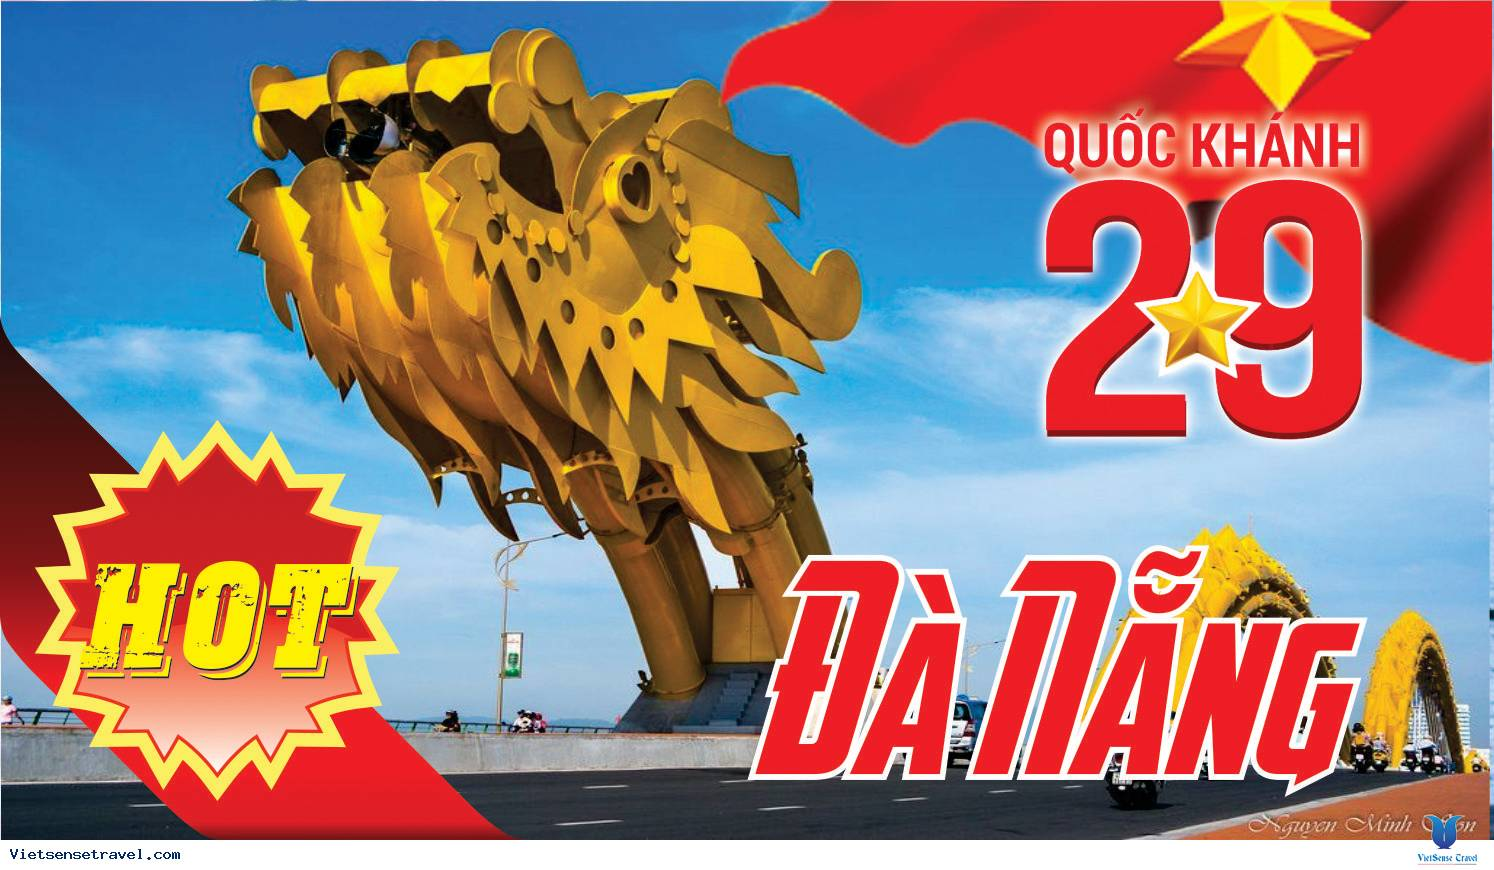 Du Lịch Đà Nẵng 4 Ngày 3 Đêm Quốc Khánh 2-9 từ Hà Nội